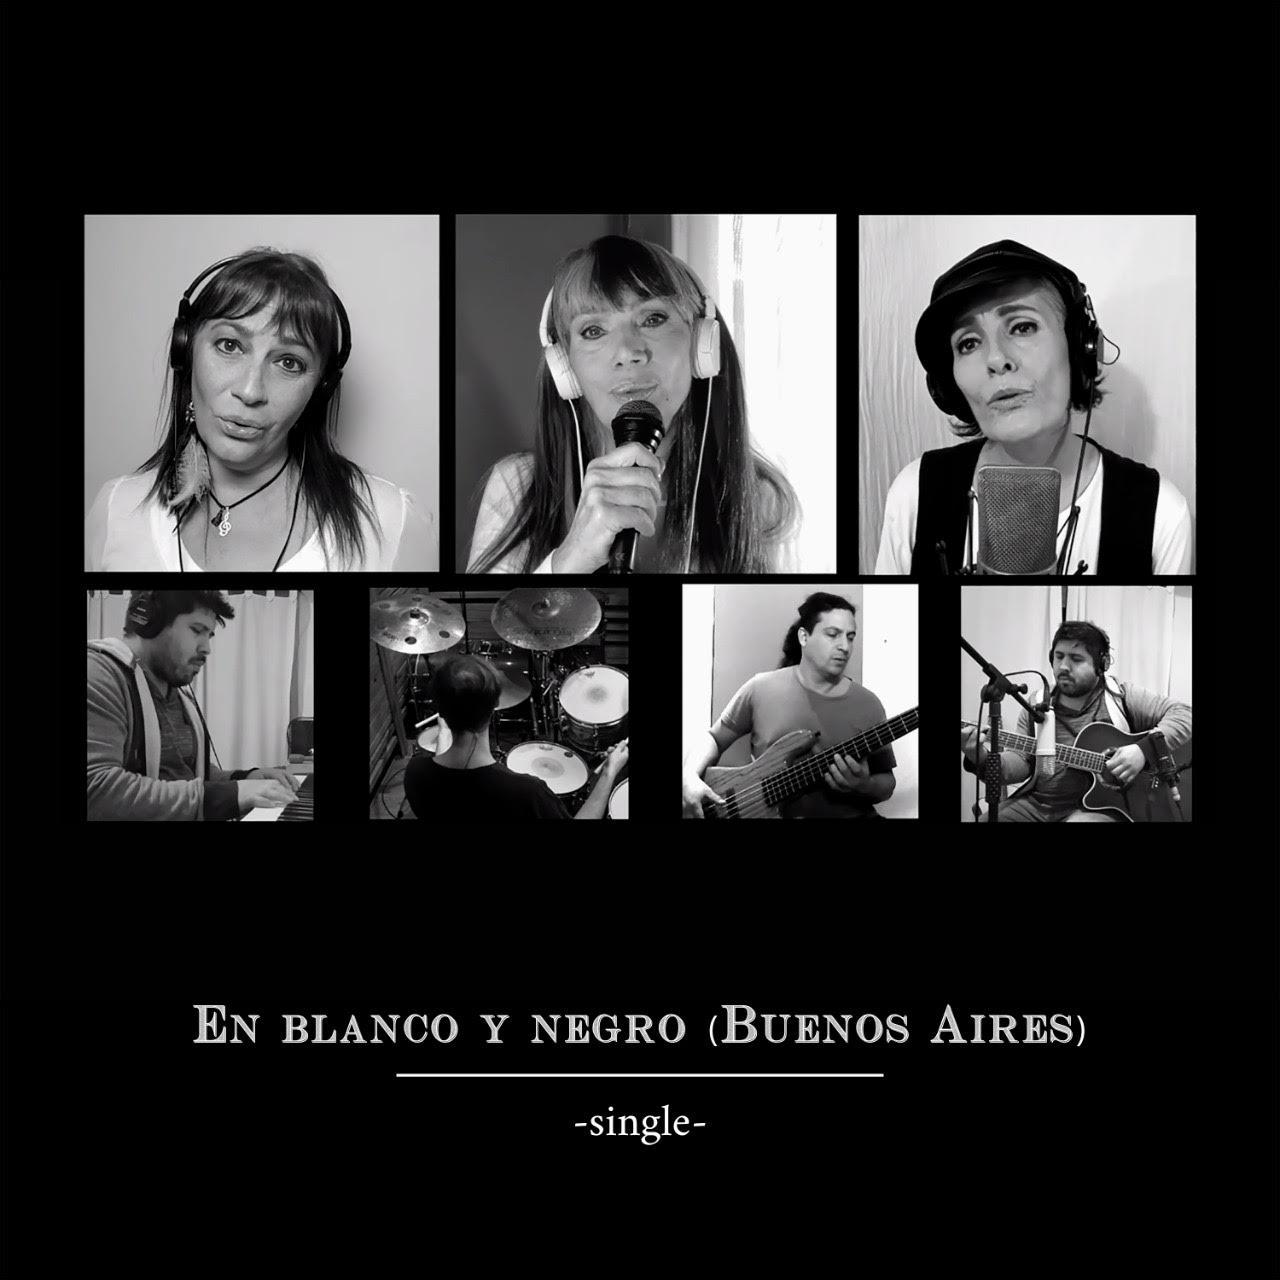 EN BLANCO Y NEGRO (BUENOS AIRES)